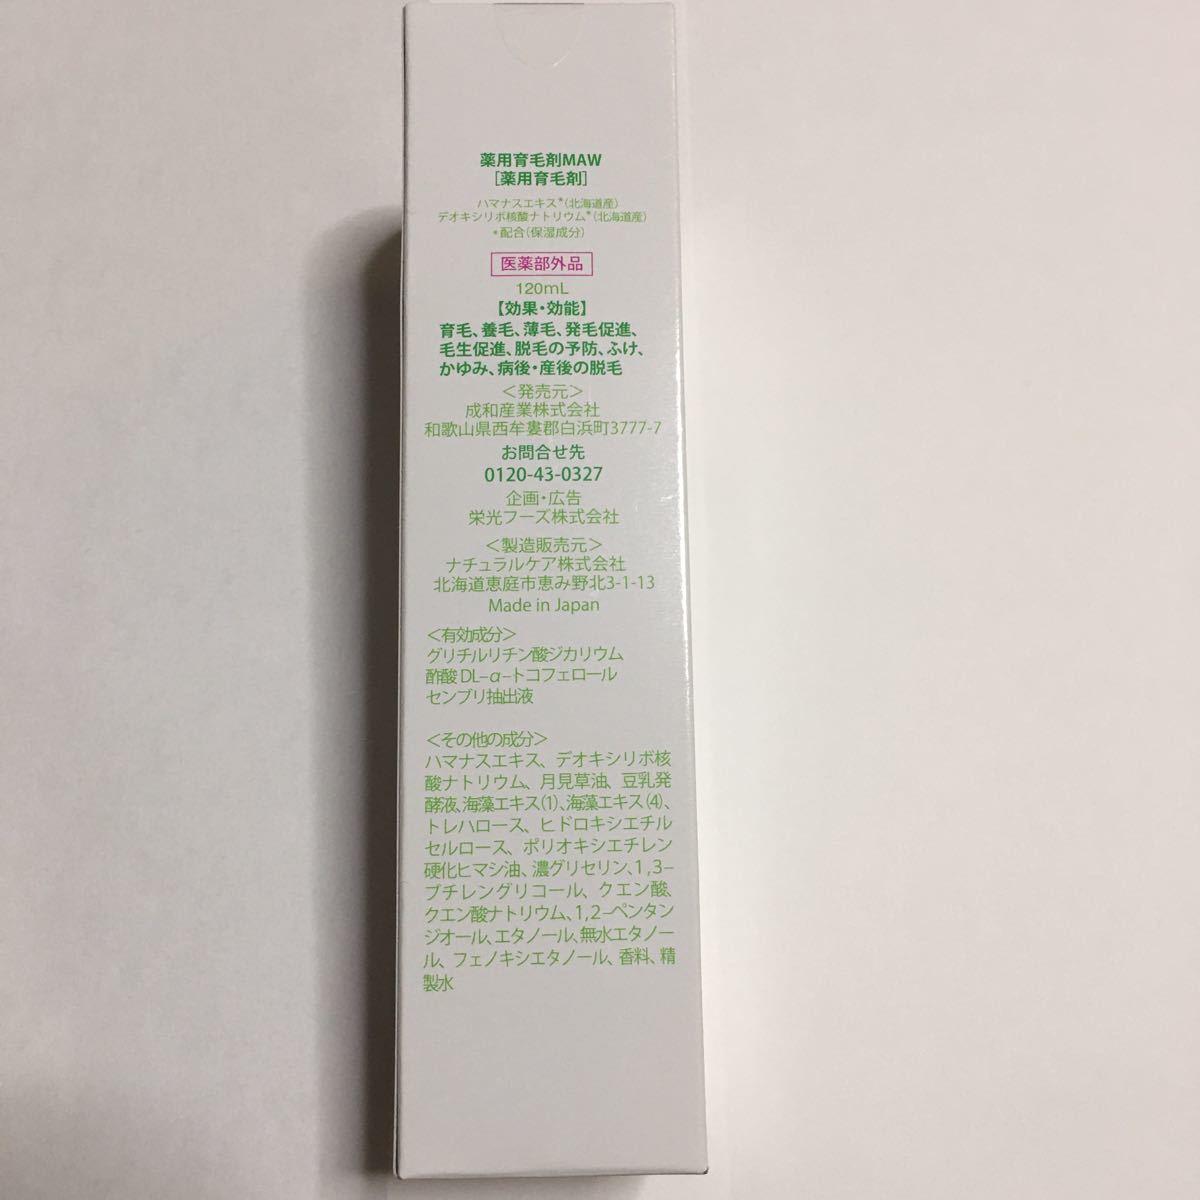 薬用育毛剤 MAW 120mL 新品未開封